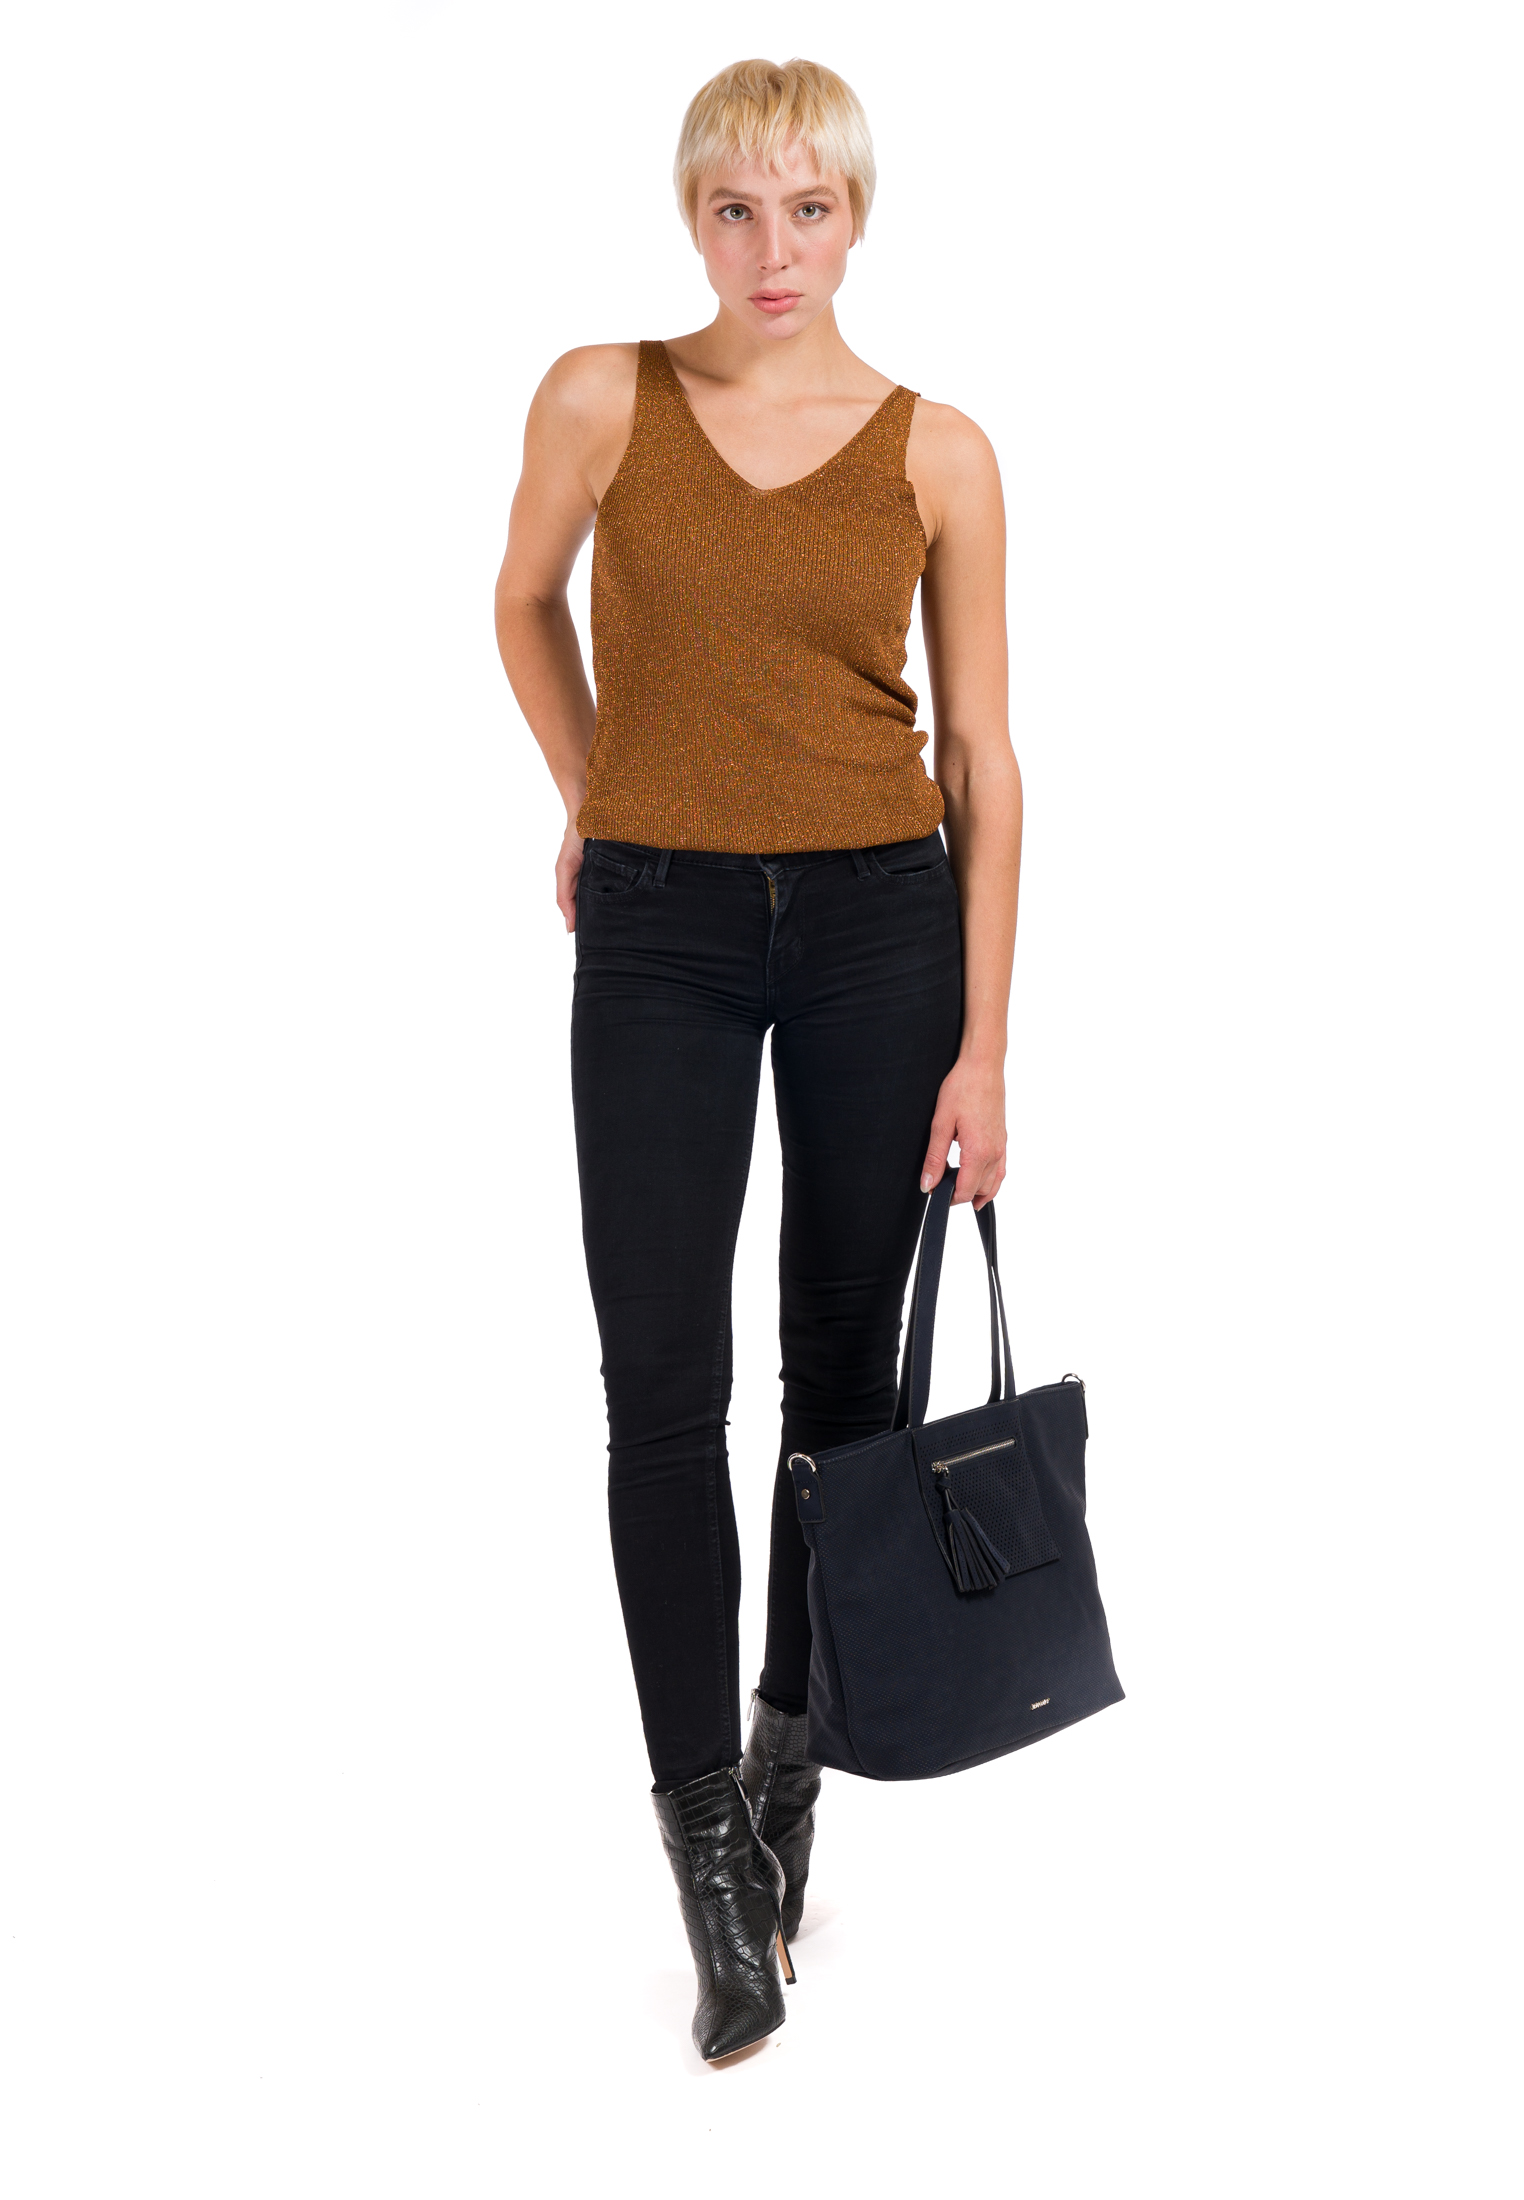 Shopper Romy Ailey groß